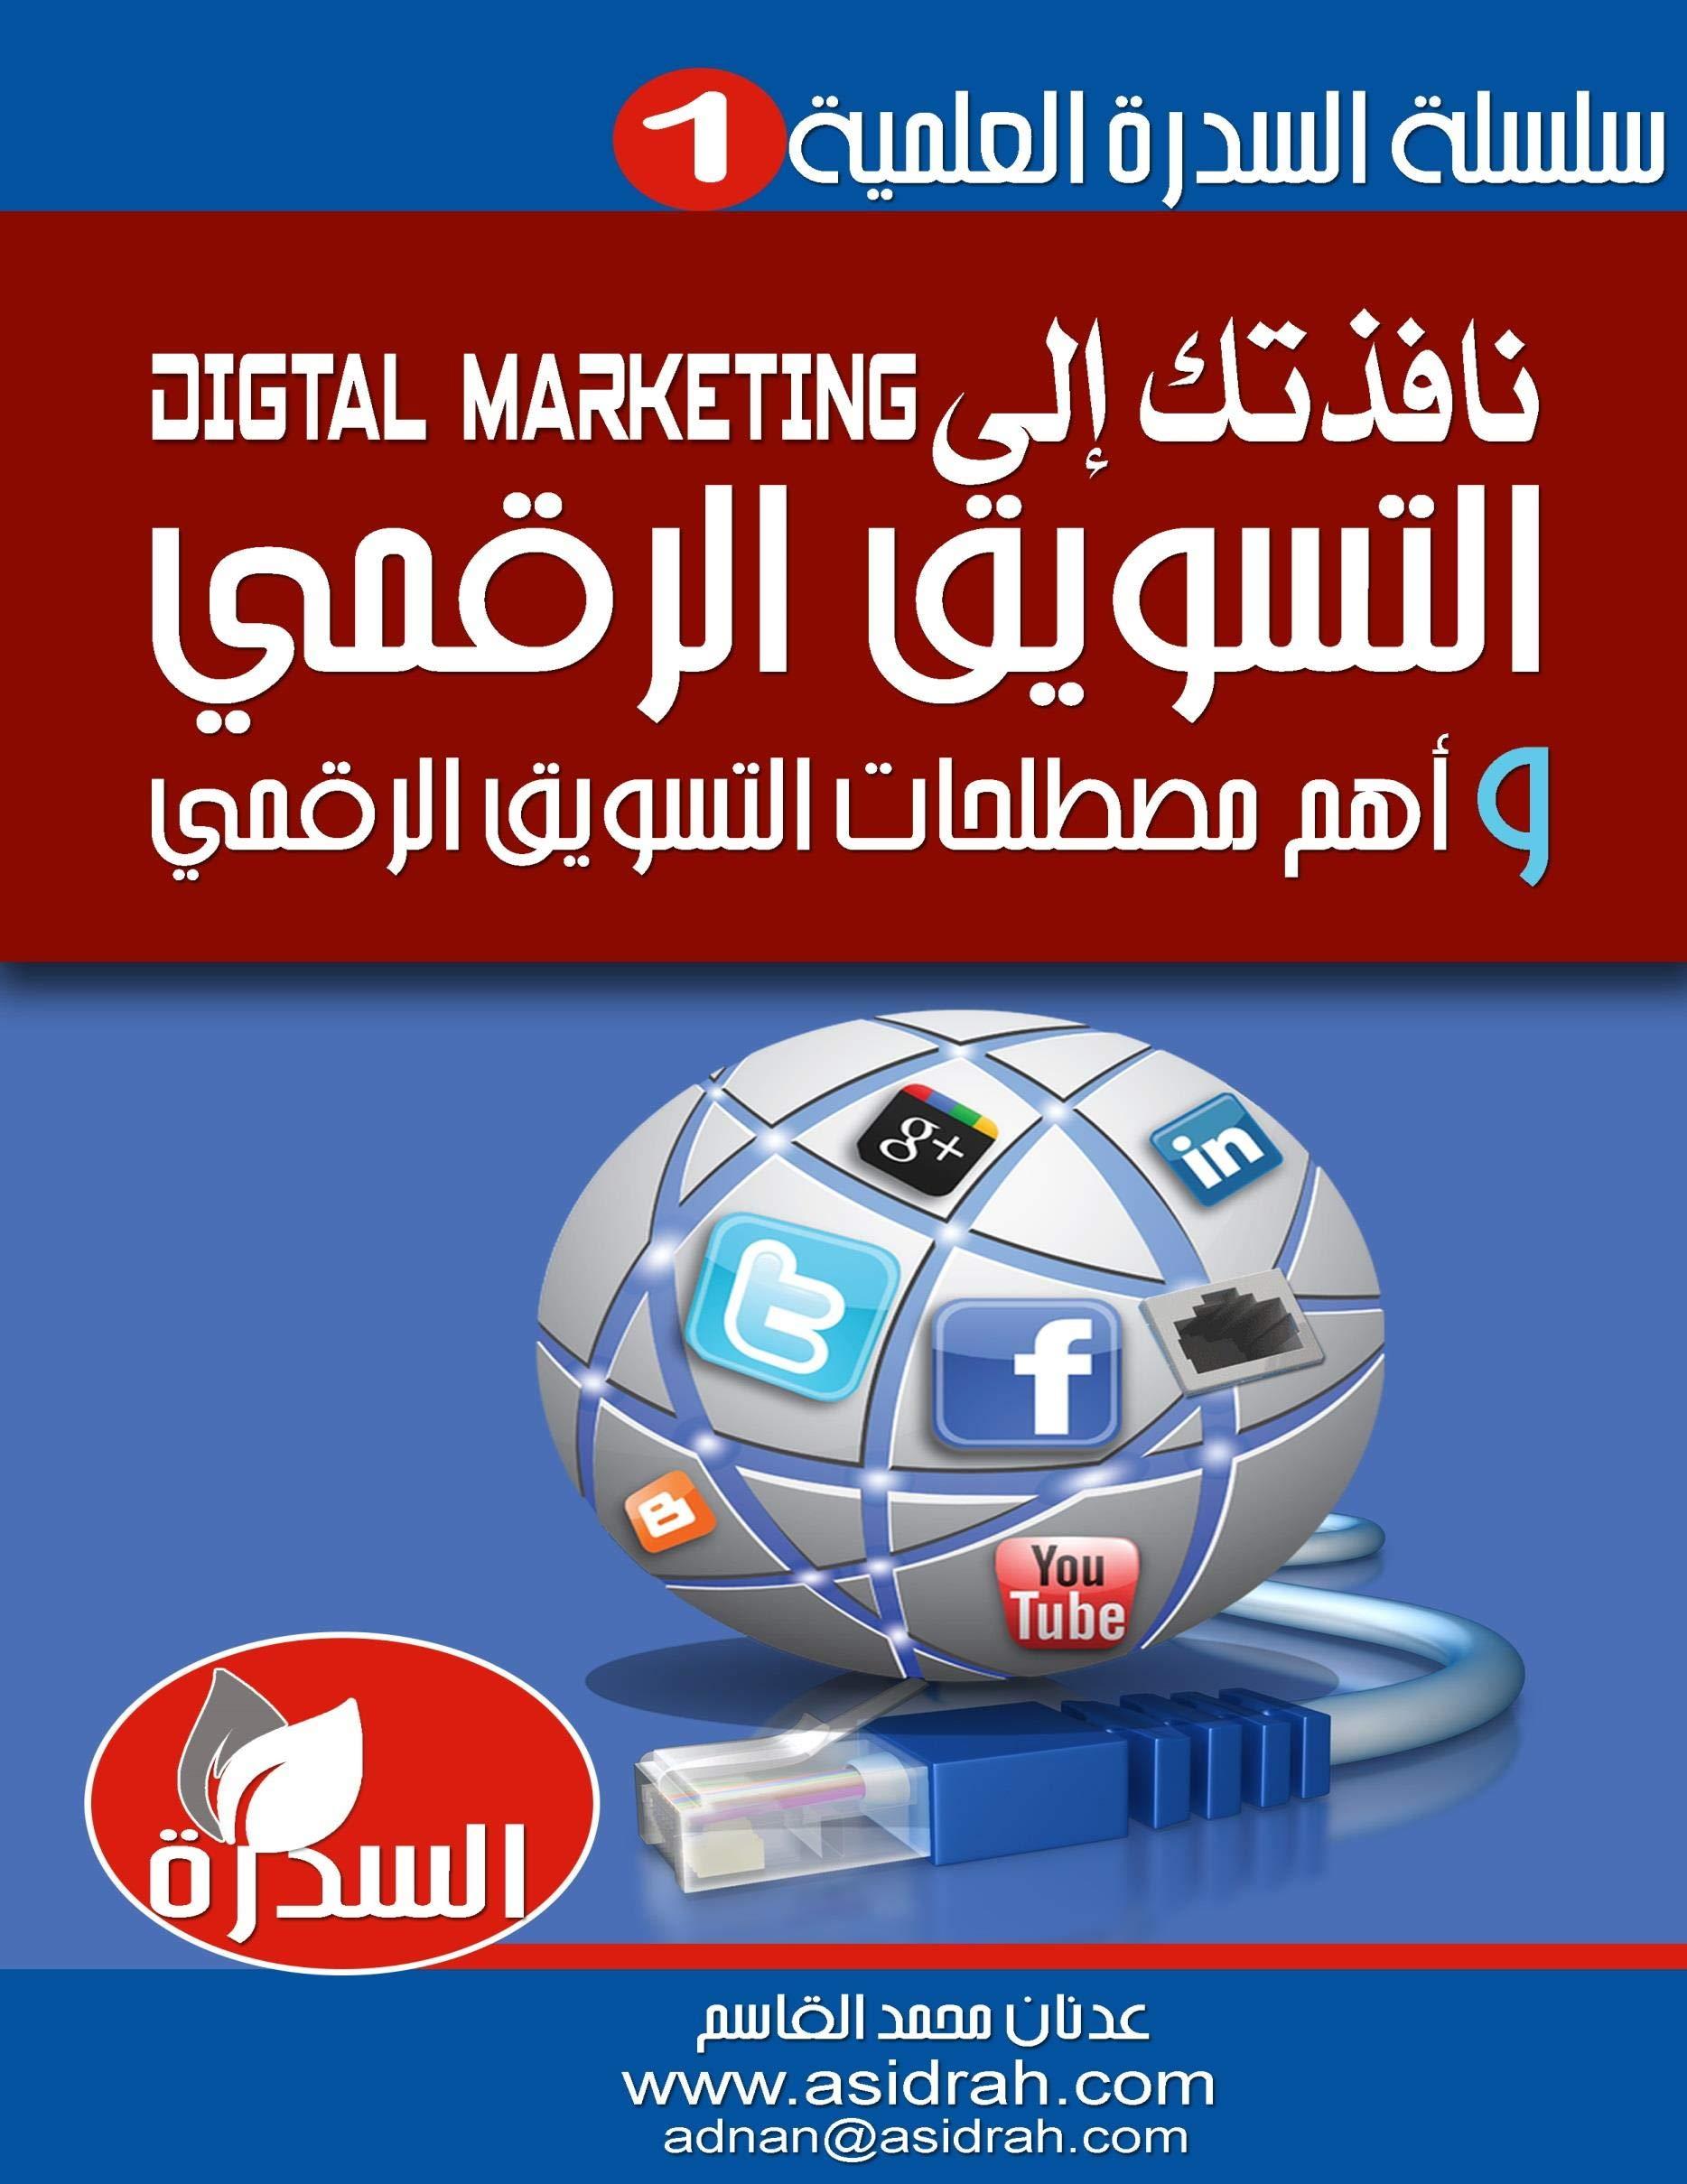 نافذتك الى التسويق الرقمي واهم مصطلحات التسويق الرقمي (Arabic Edition)